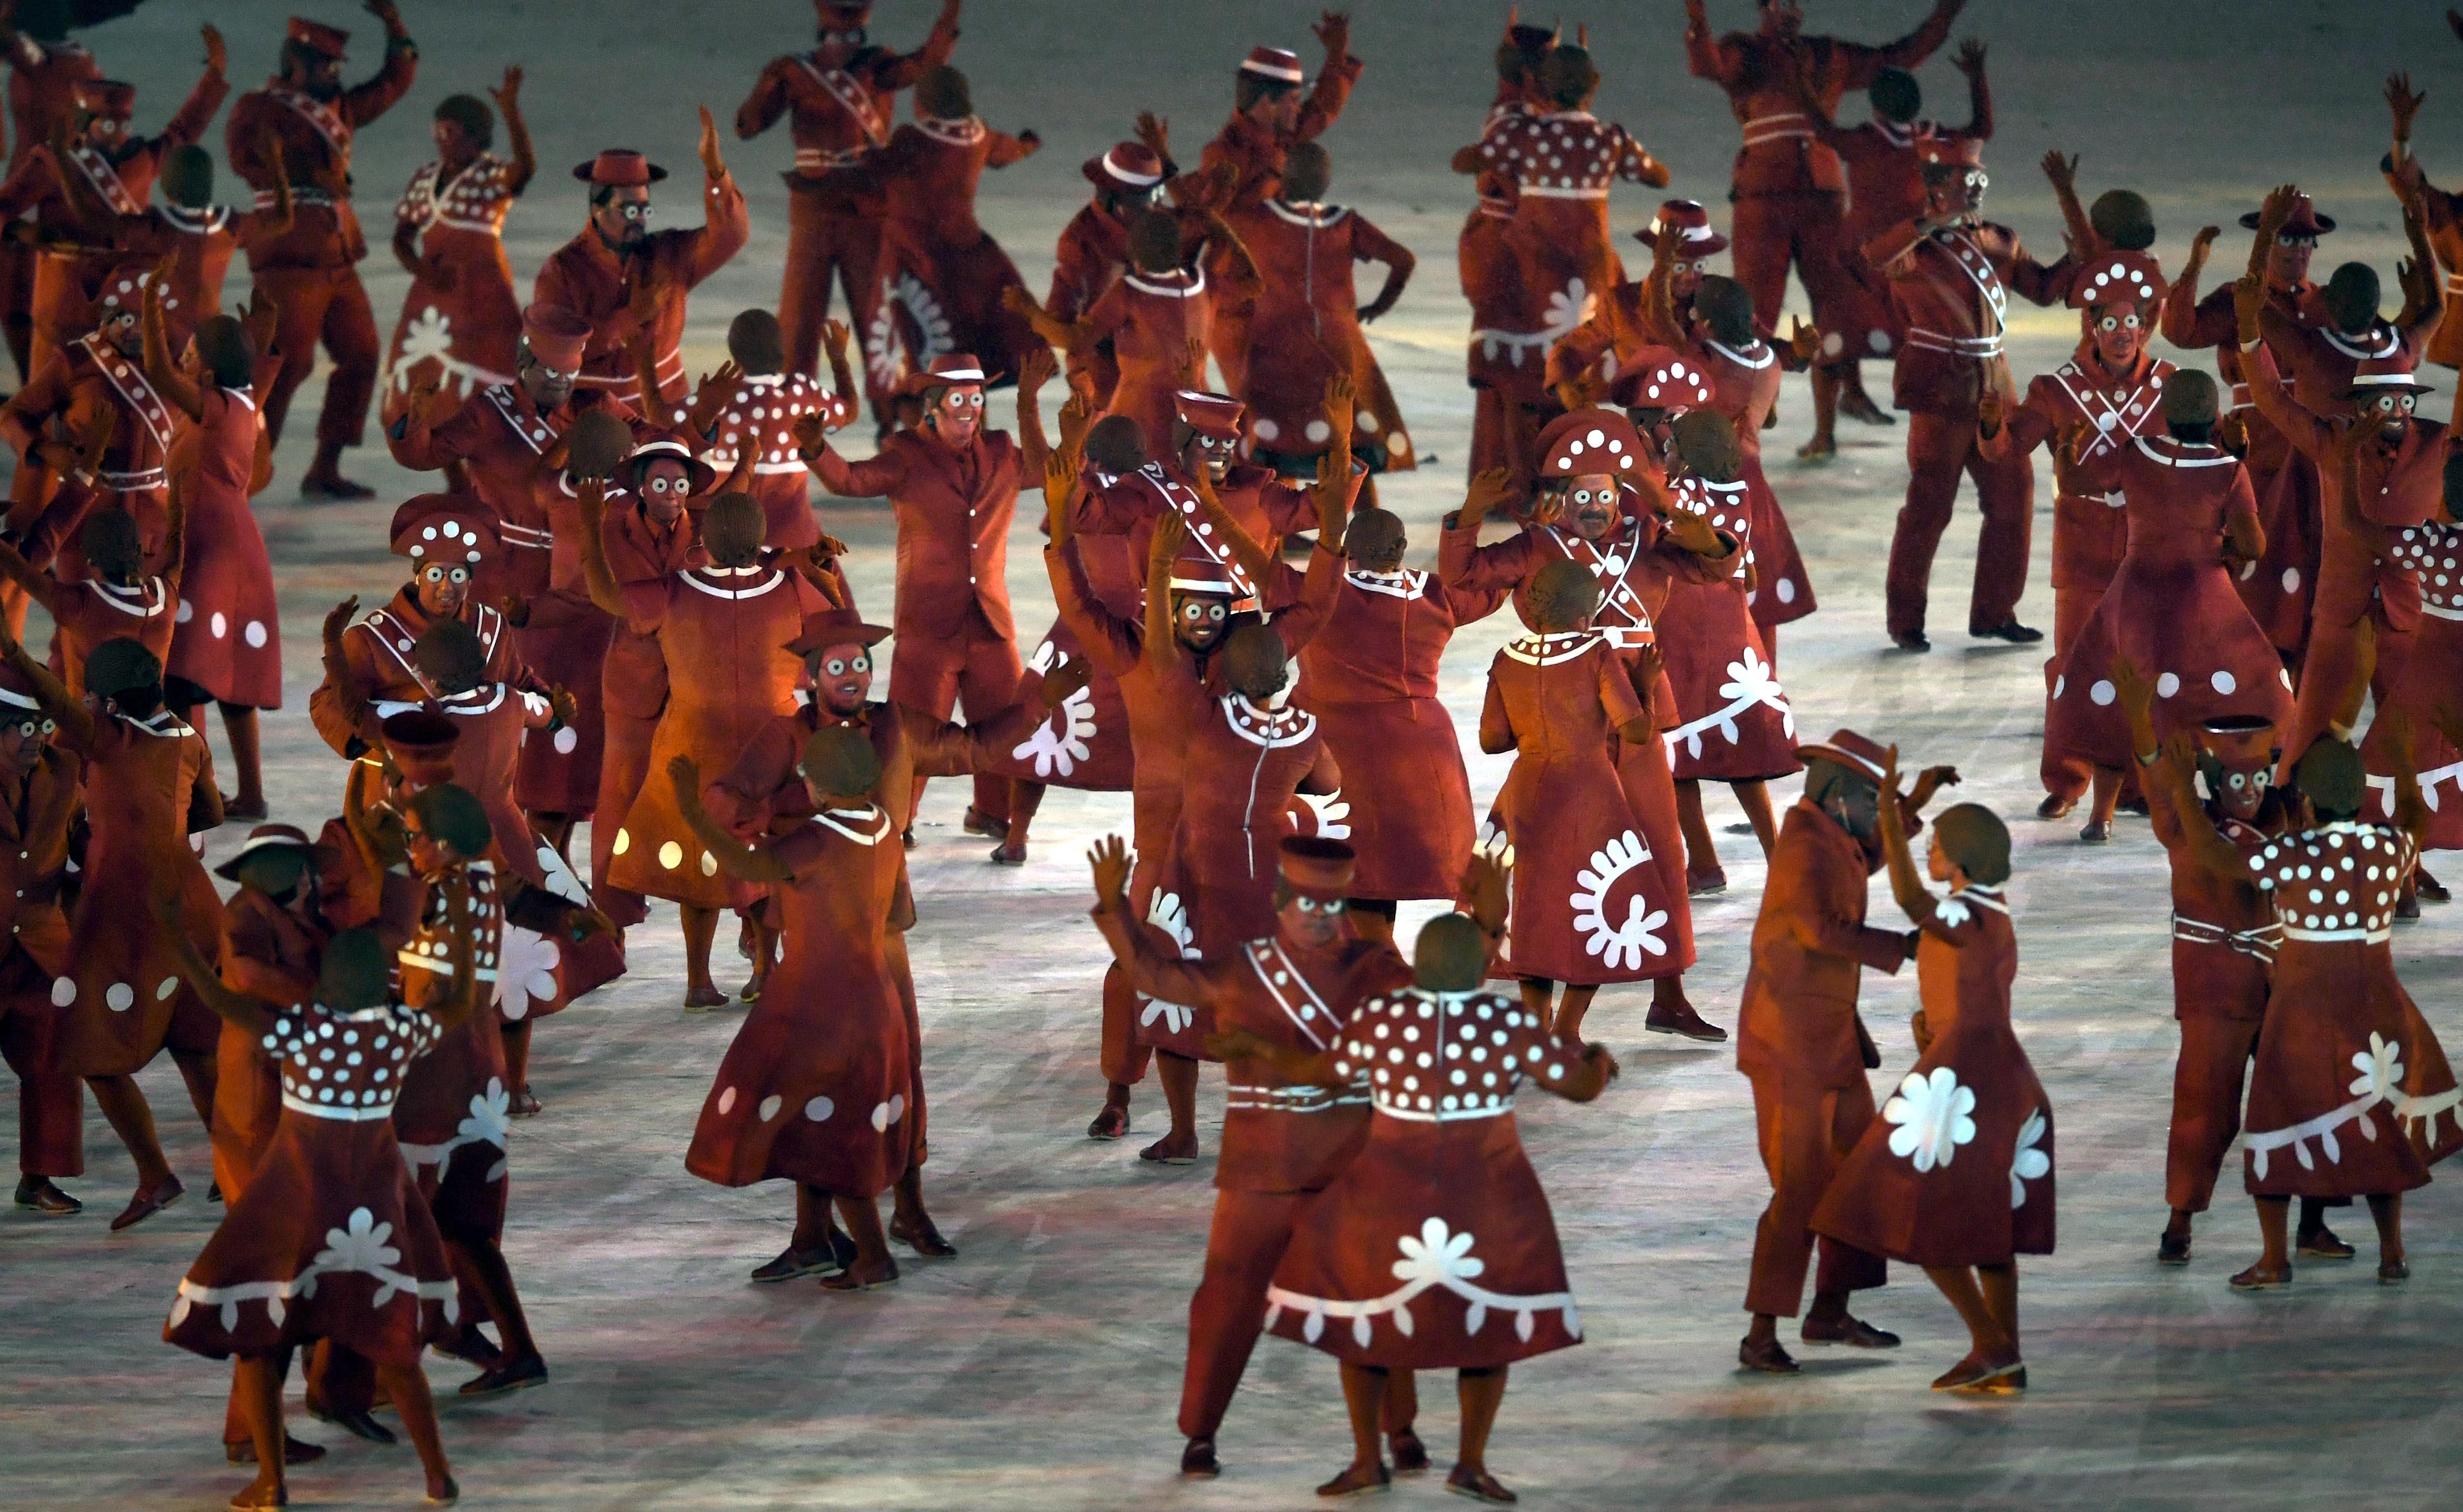 (160821) -- RIO DE JANEIRO, agosto 21, 2016 (Xinhua) -- Artistas participan durante la ceremonia de clausura de los Juegos Olímpicos de Río de Janeiro 2016, en el Estadio Maracaná, en Río de Janeiro, Brasil, el 21 de agosto de 2016. (Xinhua/Yin Bogu) (rtg) (ce)